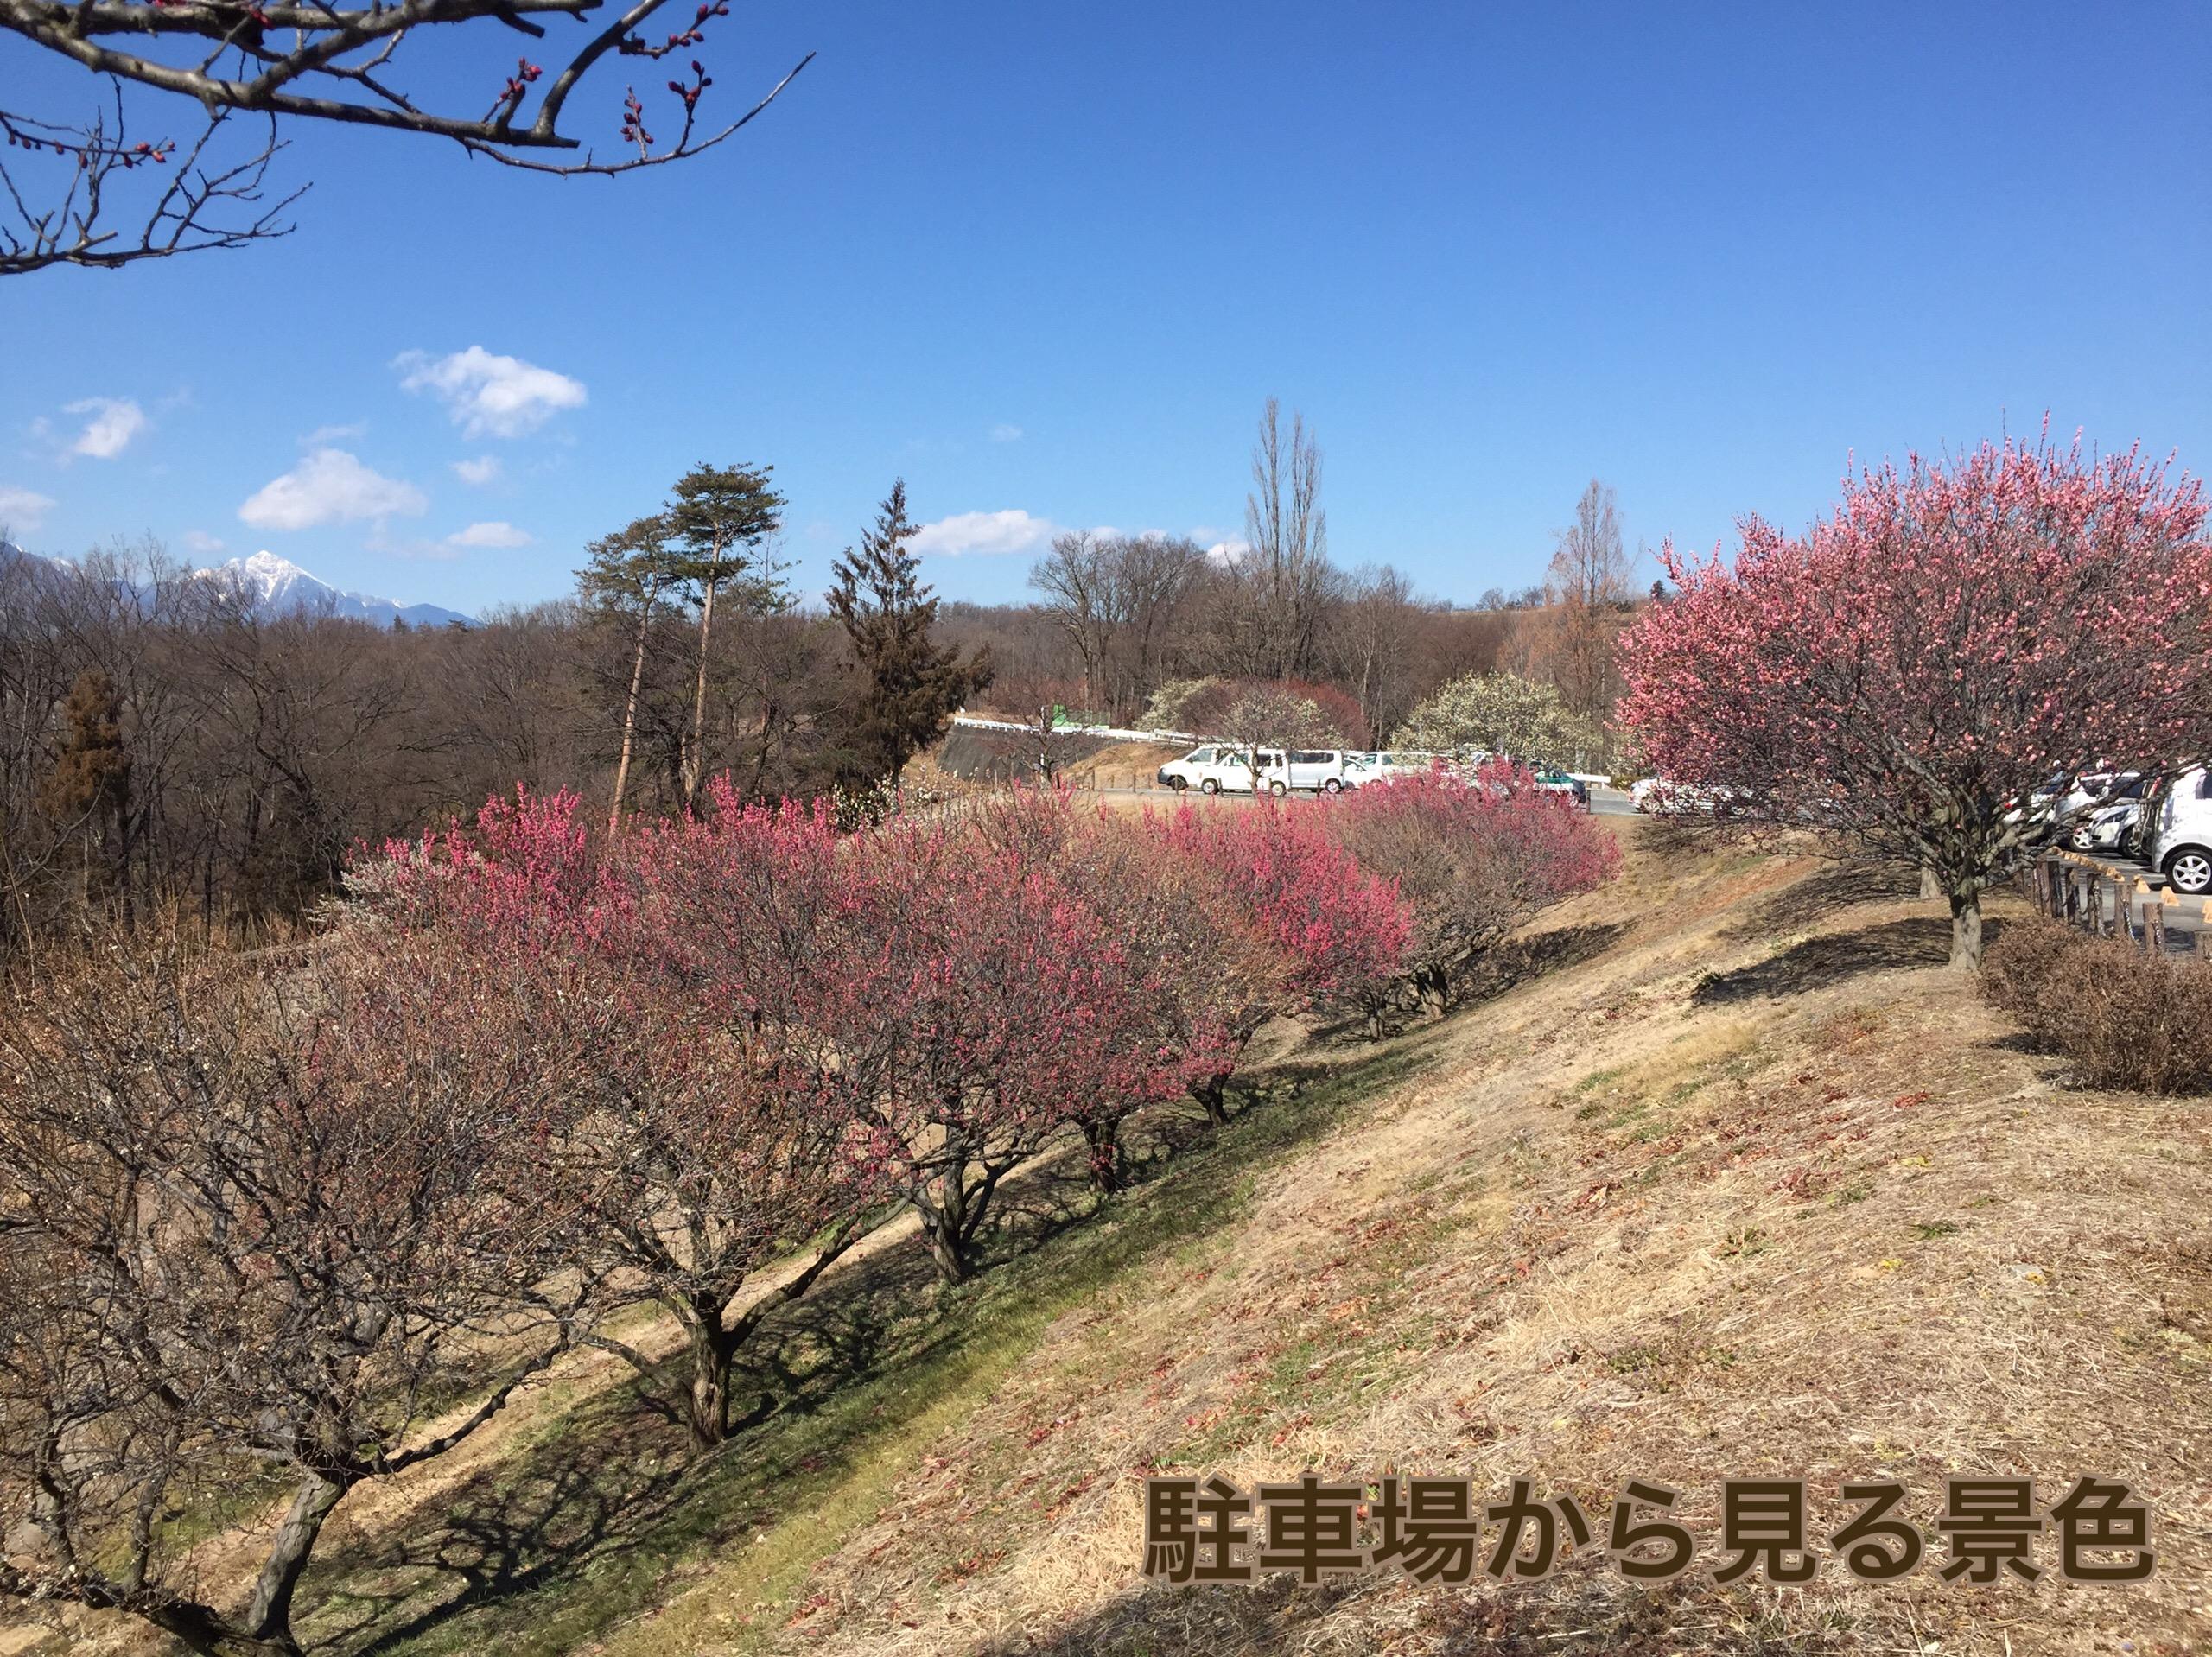 見頃を迎えた梅の花(甲斐敷島・梅の里)